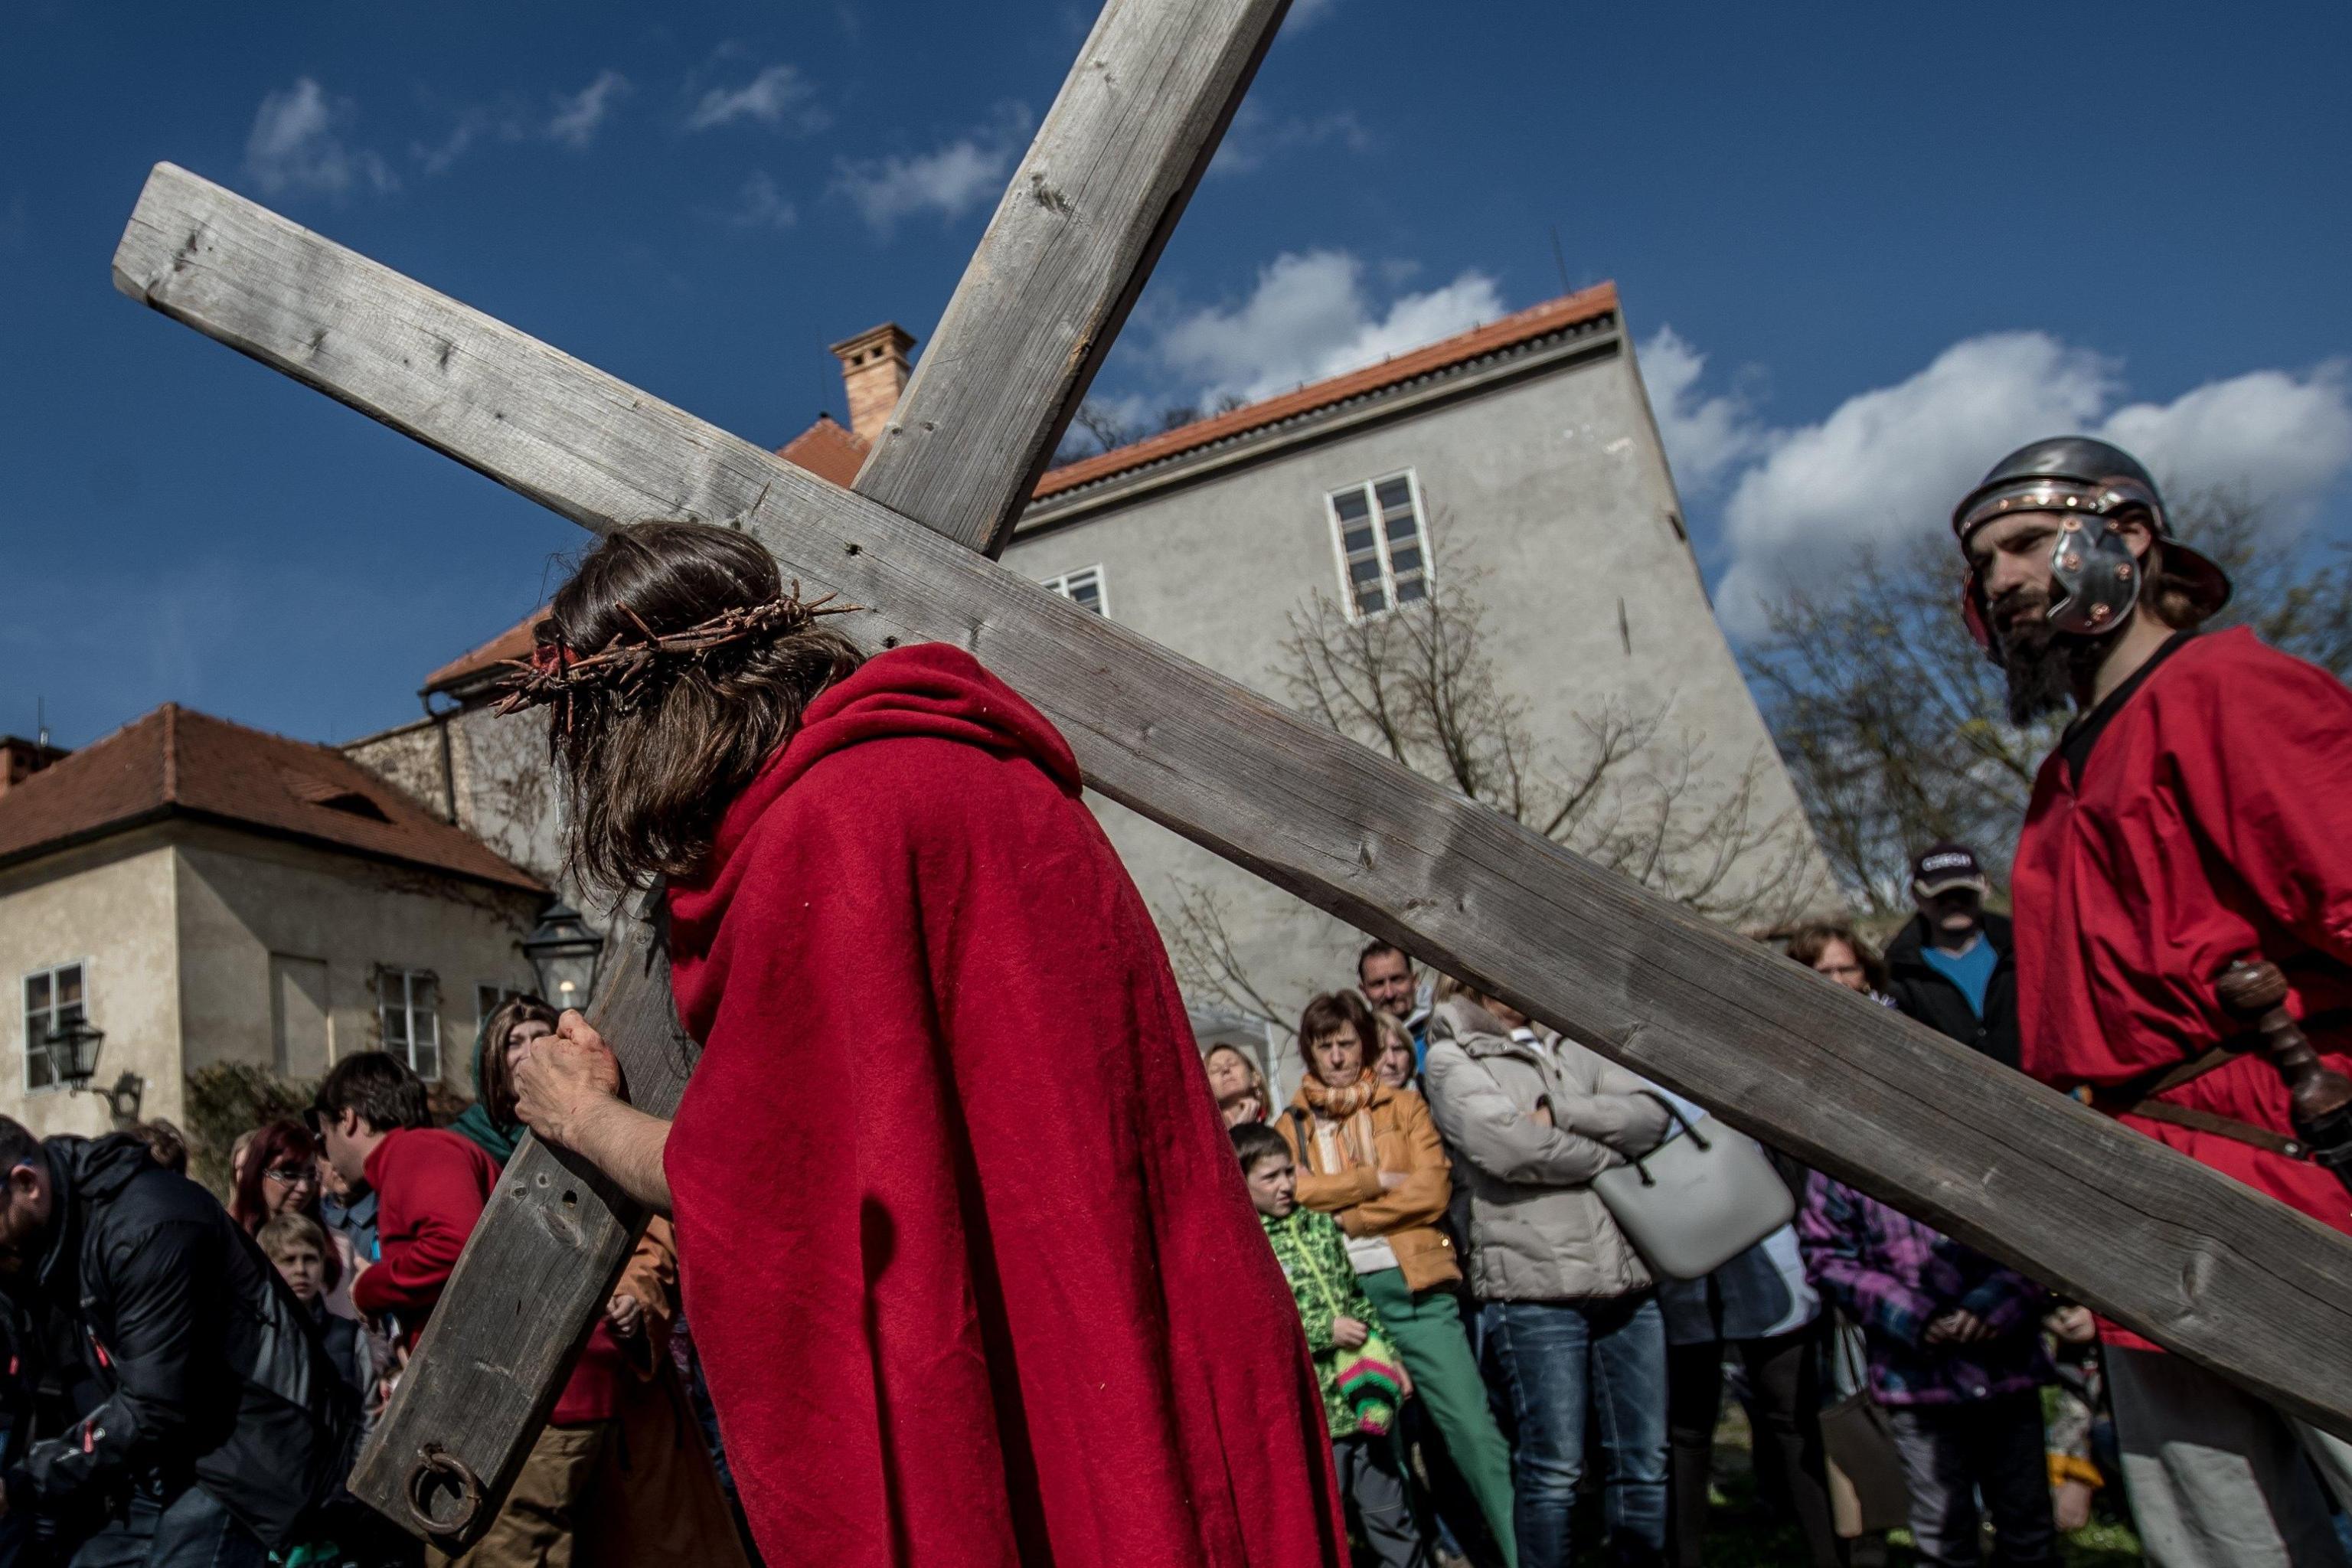 Pasqua: 10 curiosità su crocifissione, morte e resurrezione di Gesù